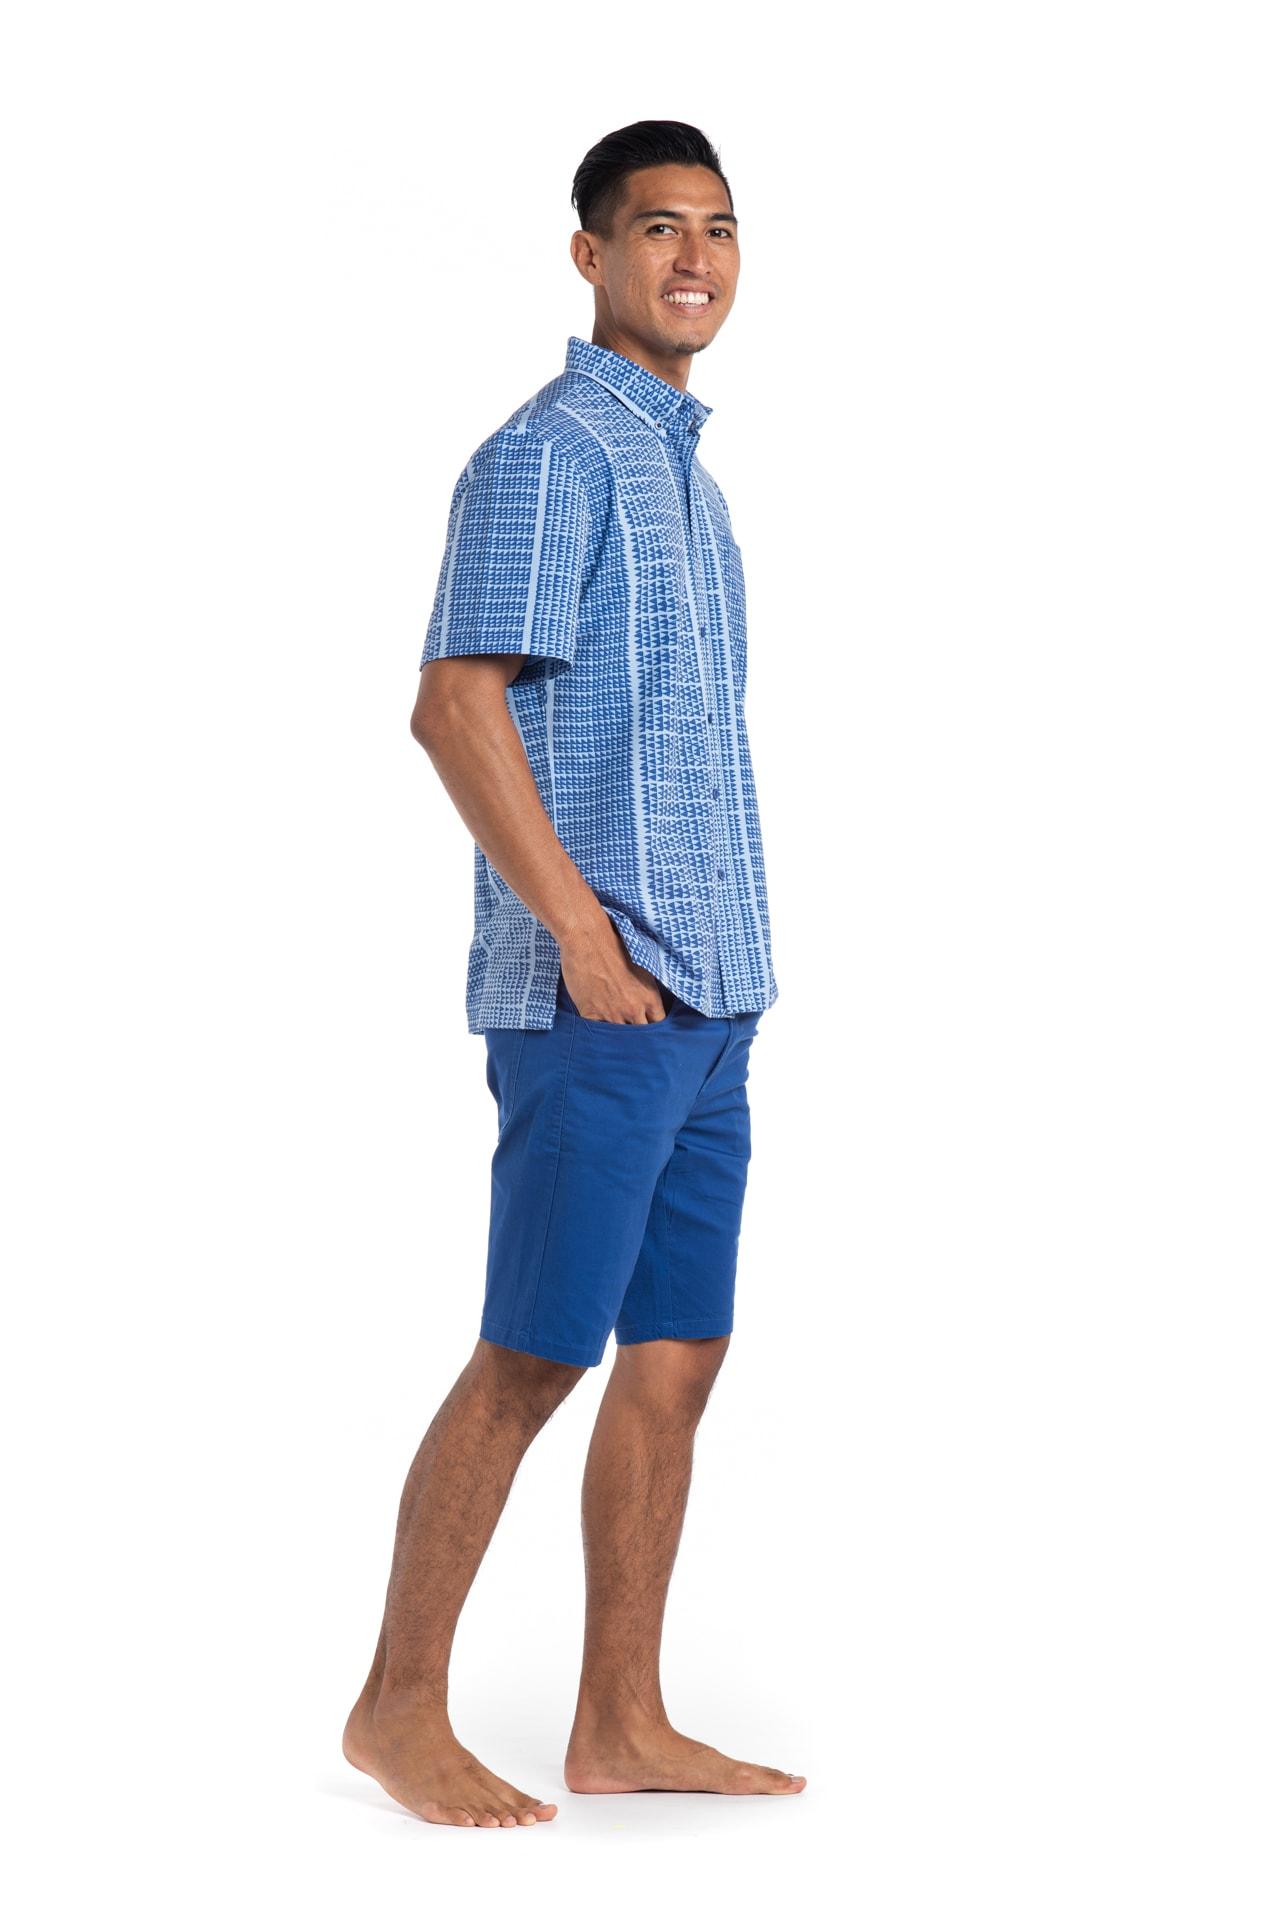 Male model wearing Mahalo Nui Shirt in Blue Niho Ku - Side View